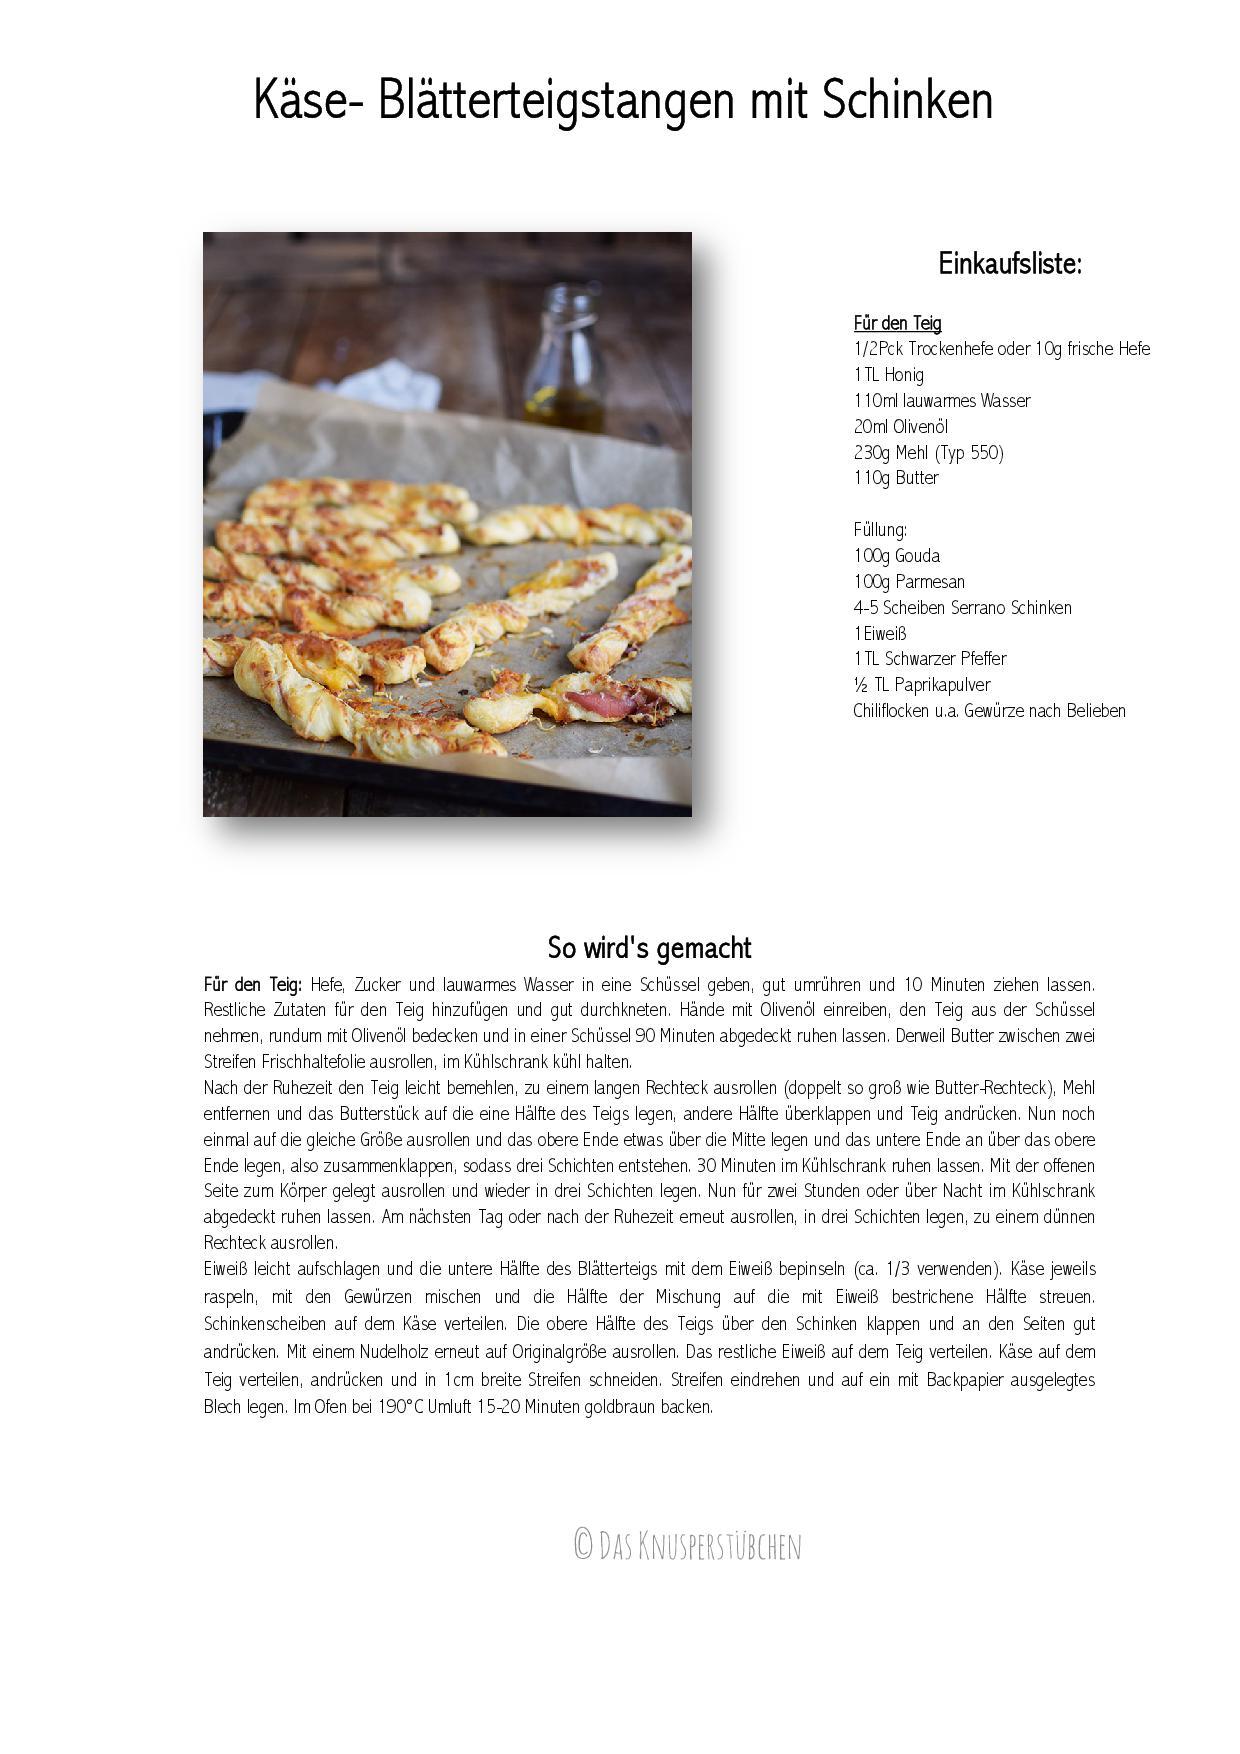 Kaesestangen mit Blaetterteig und Schinken-001